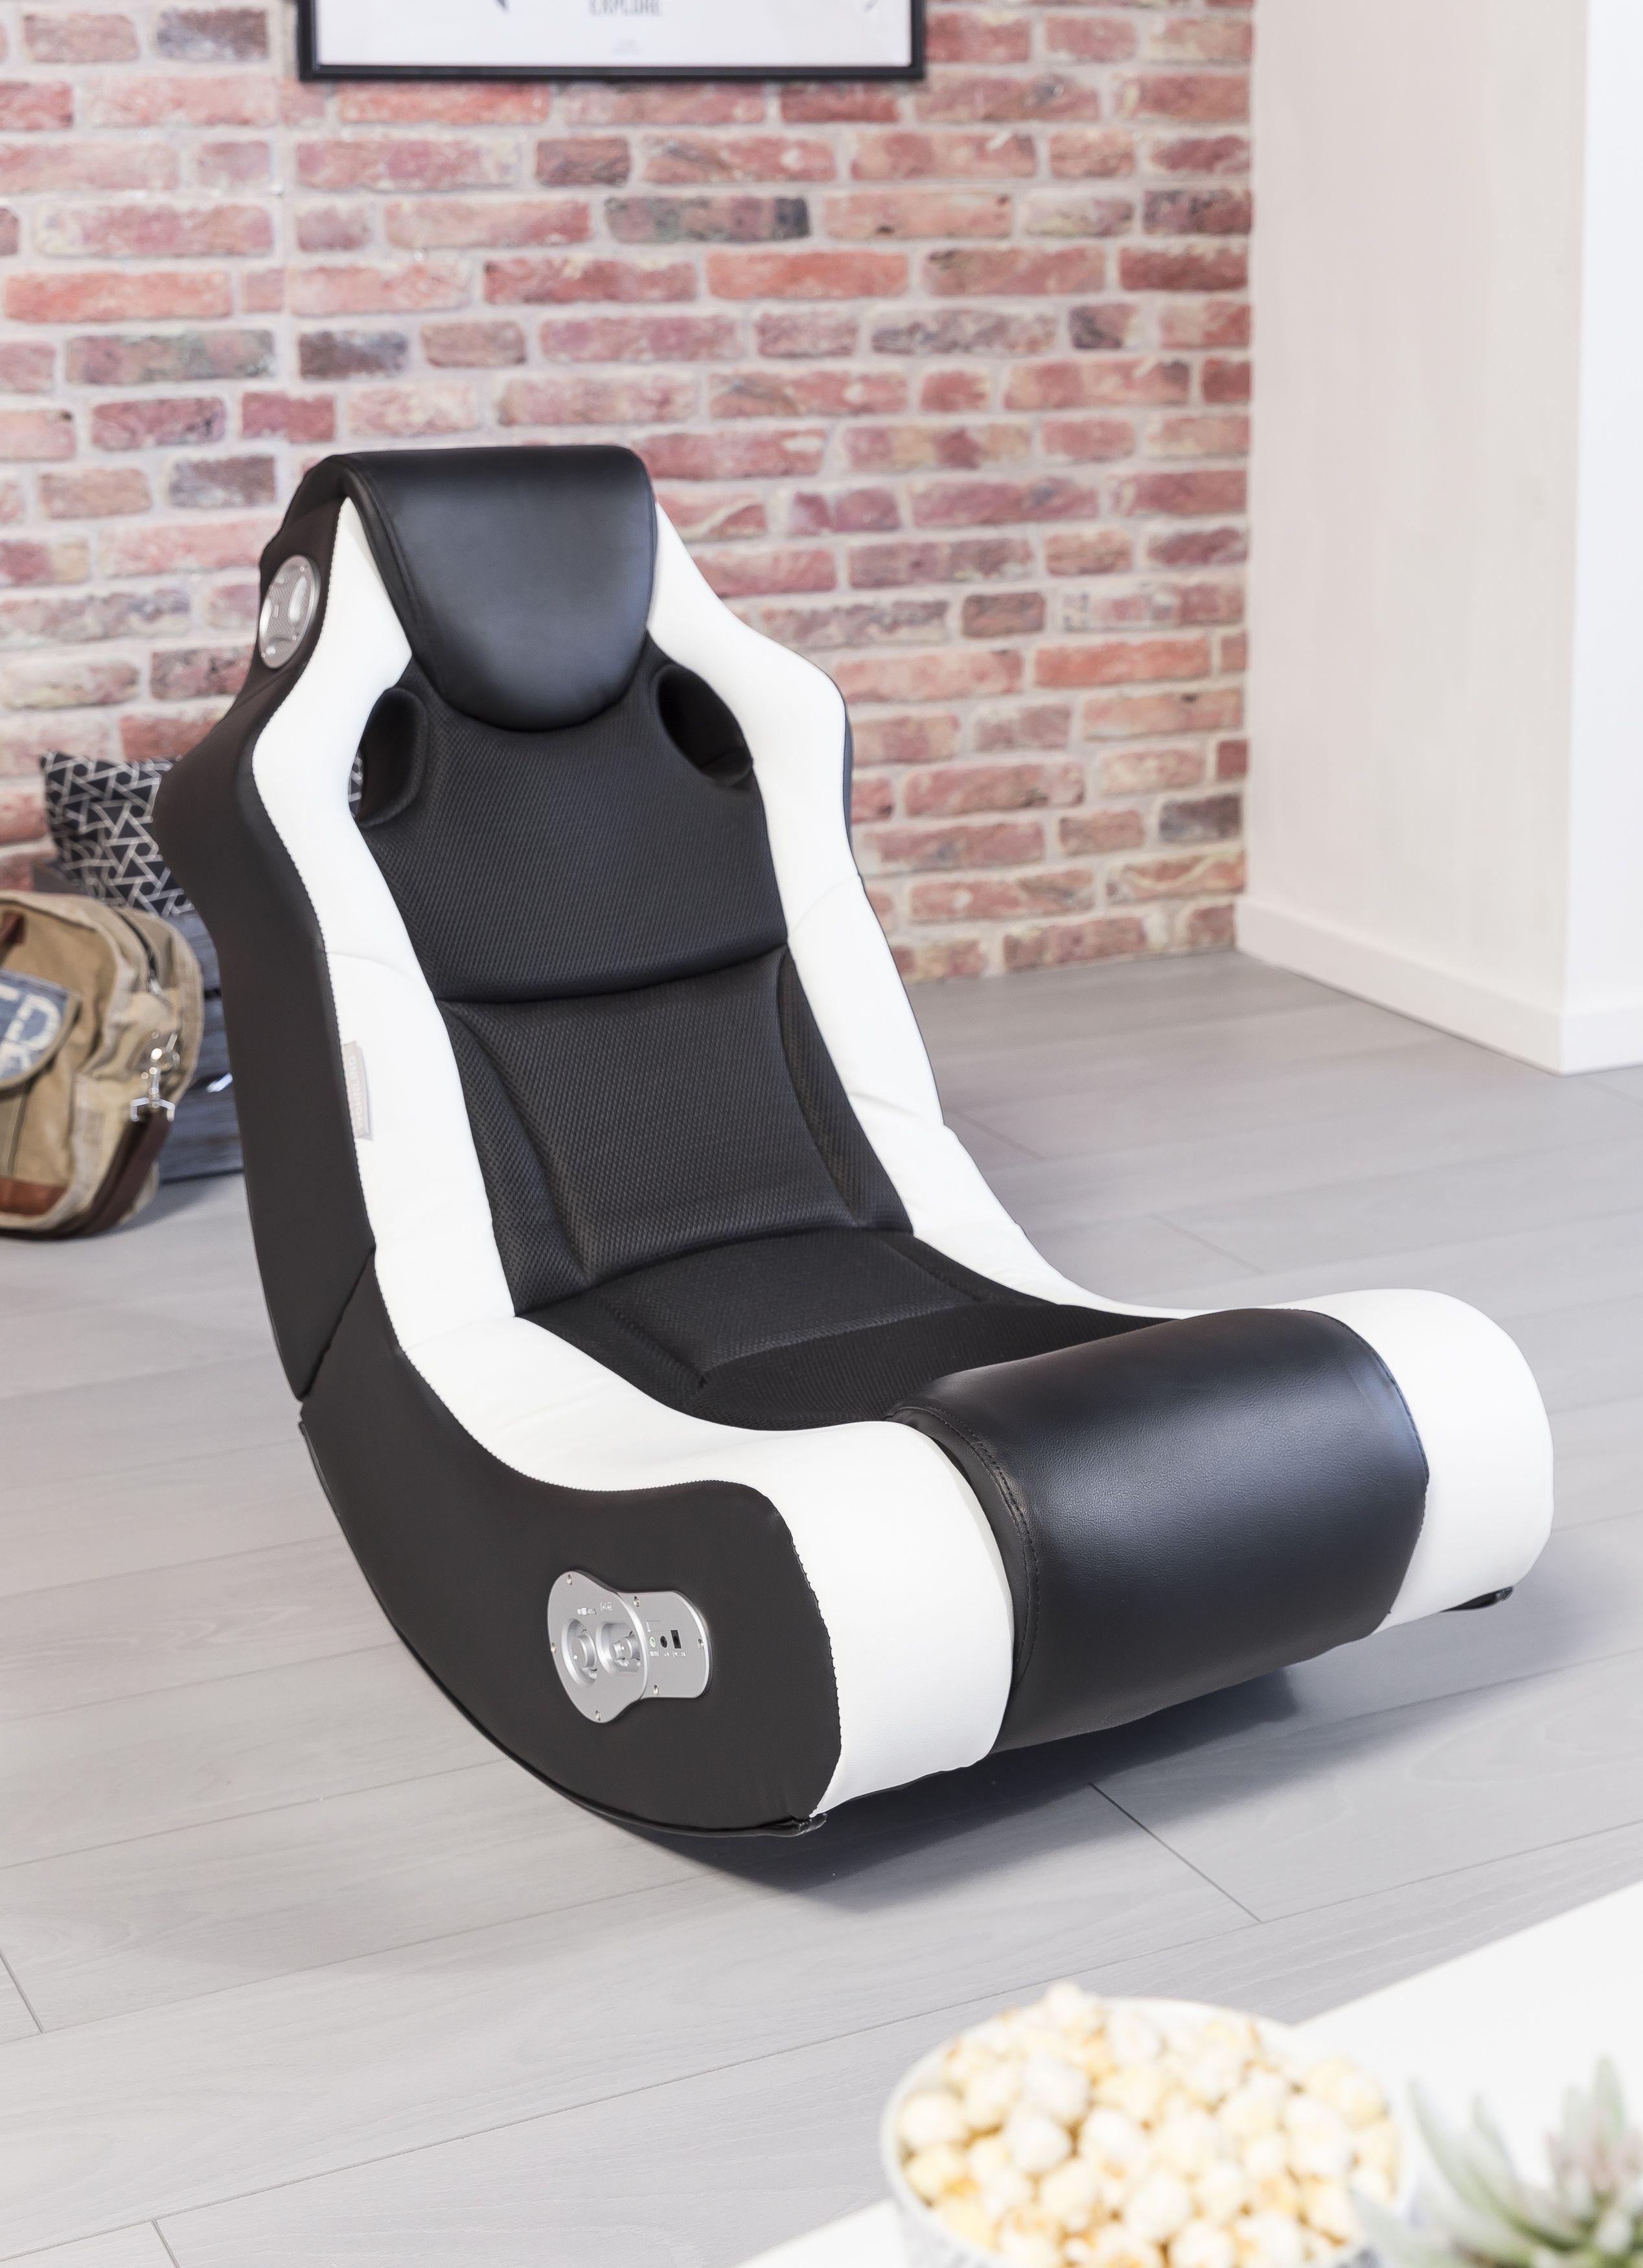 Wohnling Booster Soundchair Schwarz Weiß Mit Bluetooth Wl8 010 Aus Kunstleder Und Mesh Wohnzimmer Gaming Sessel Zocken Sessel Wohnzimmer Einrichtungstrends